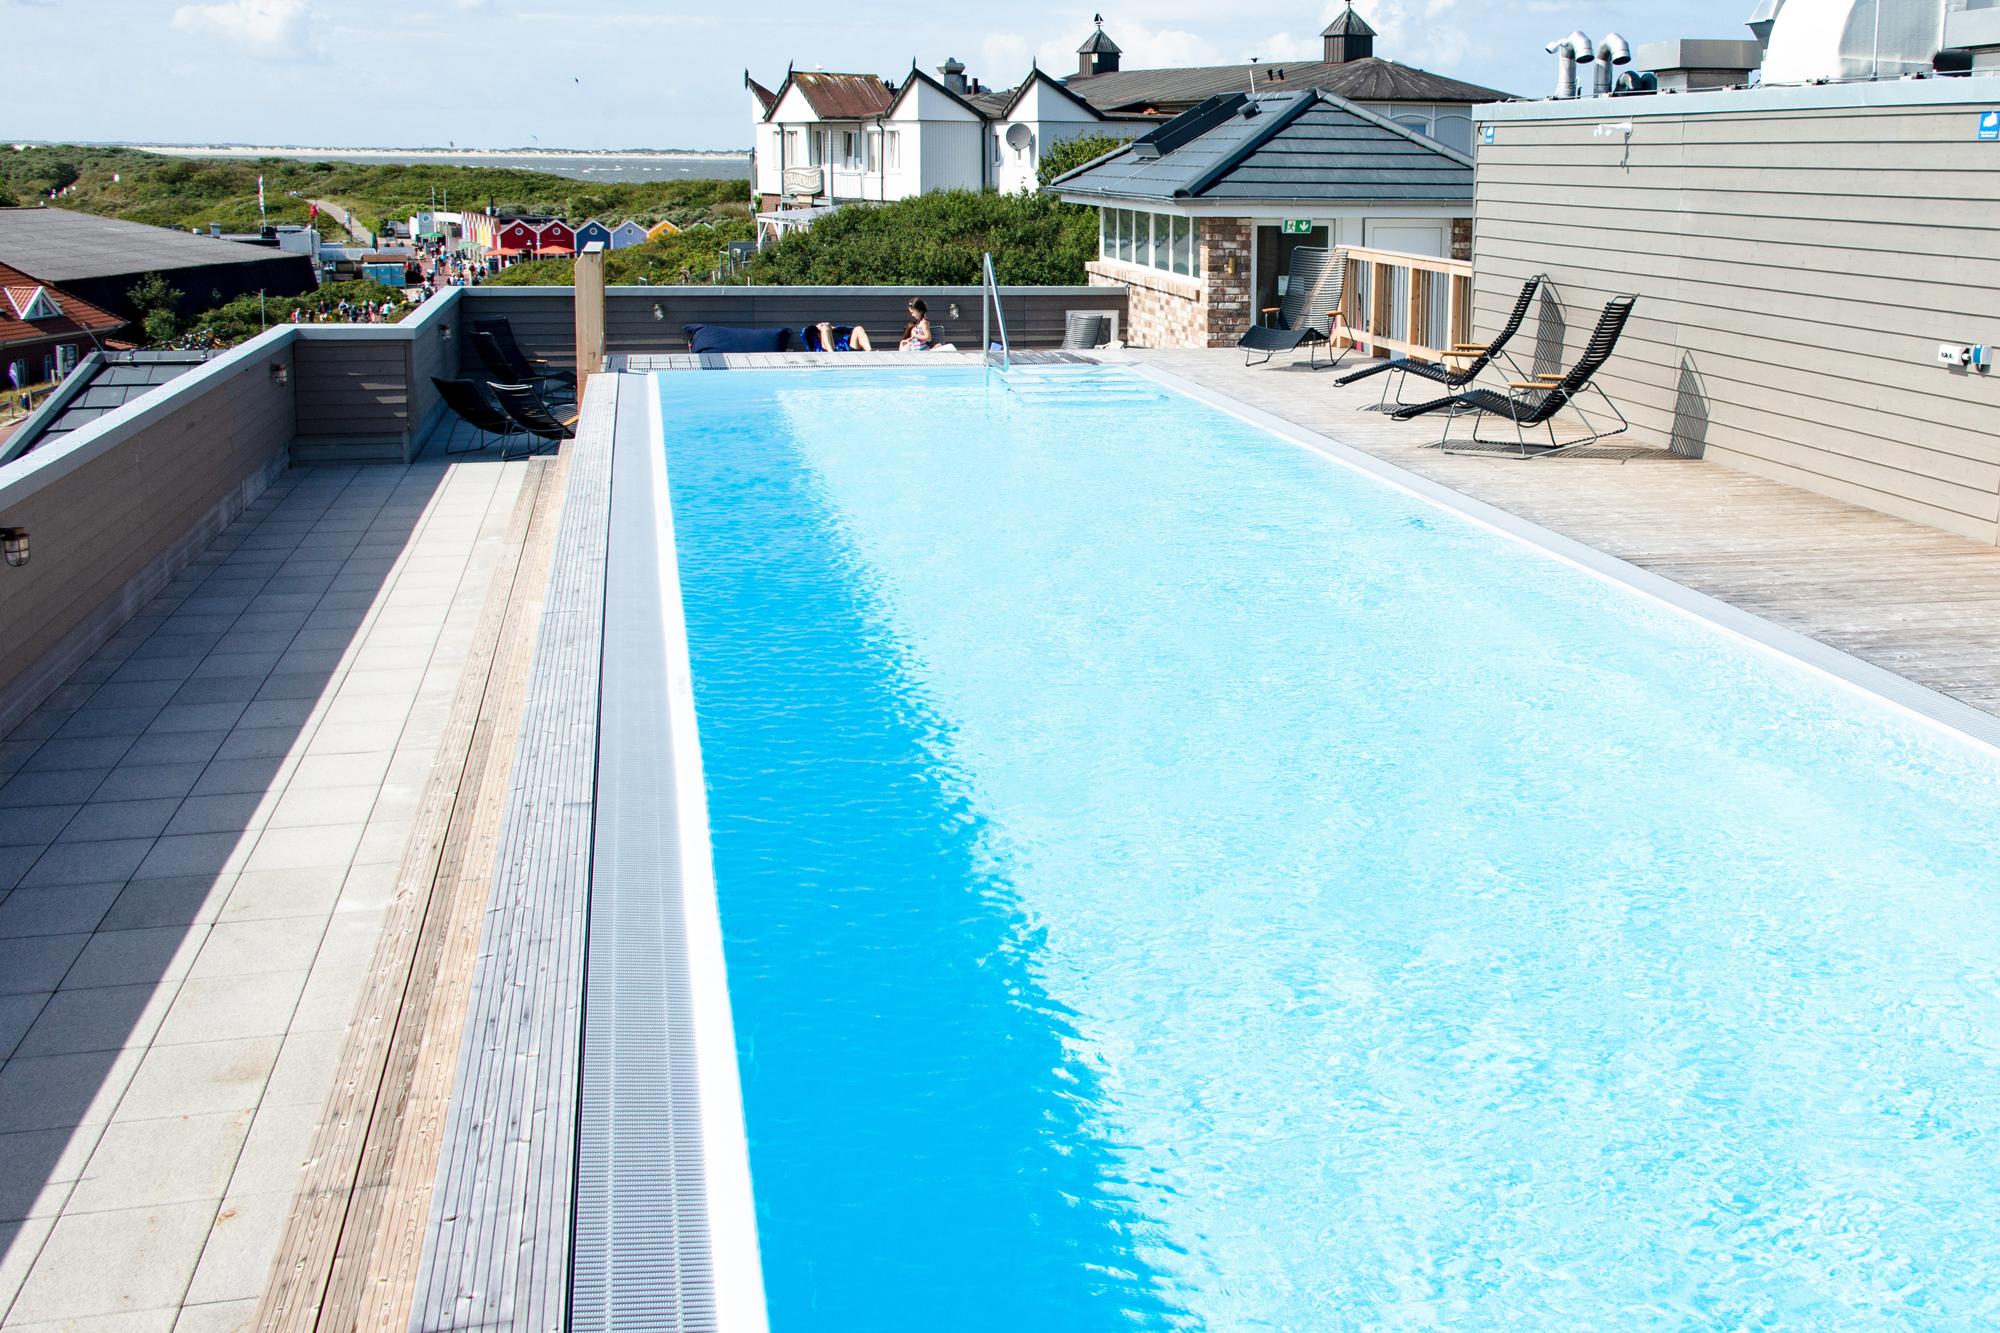 Freistehender Rooftop-Pool dort auf einem Hoteldach